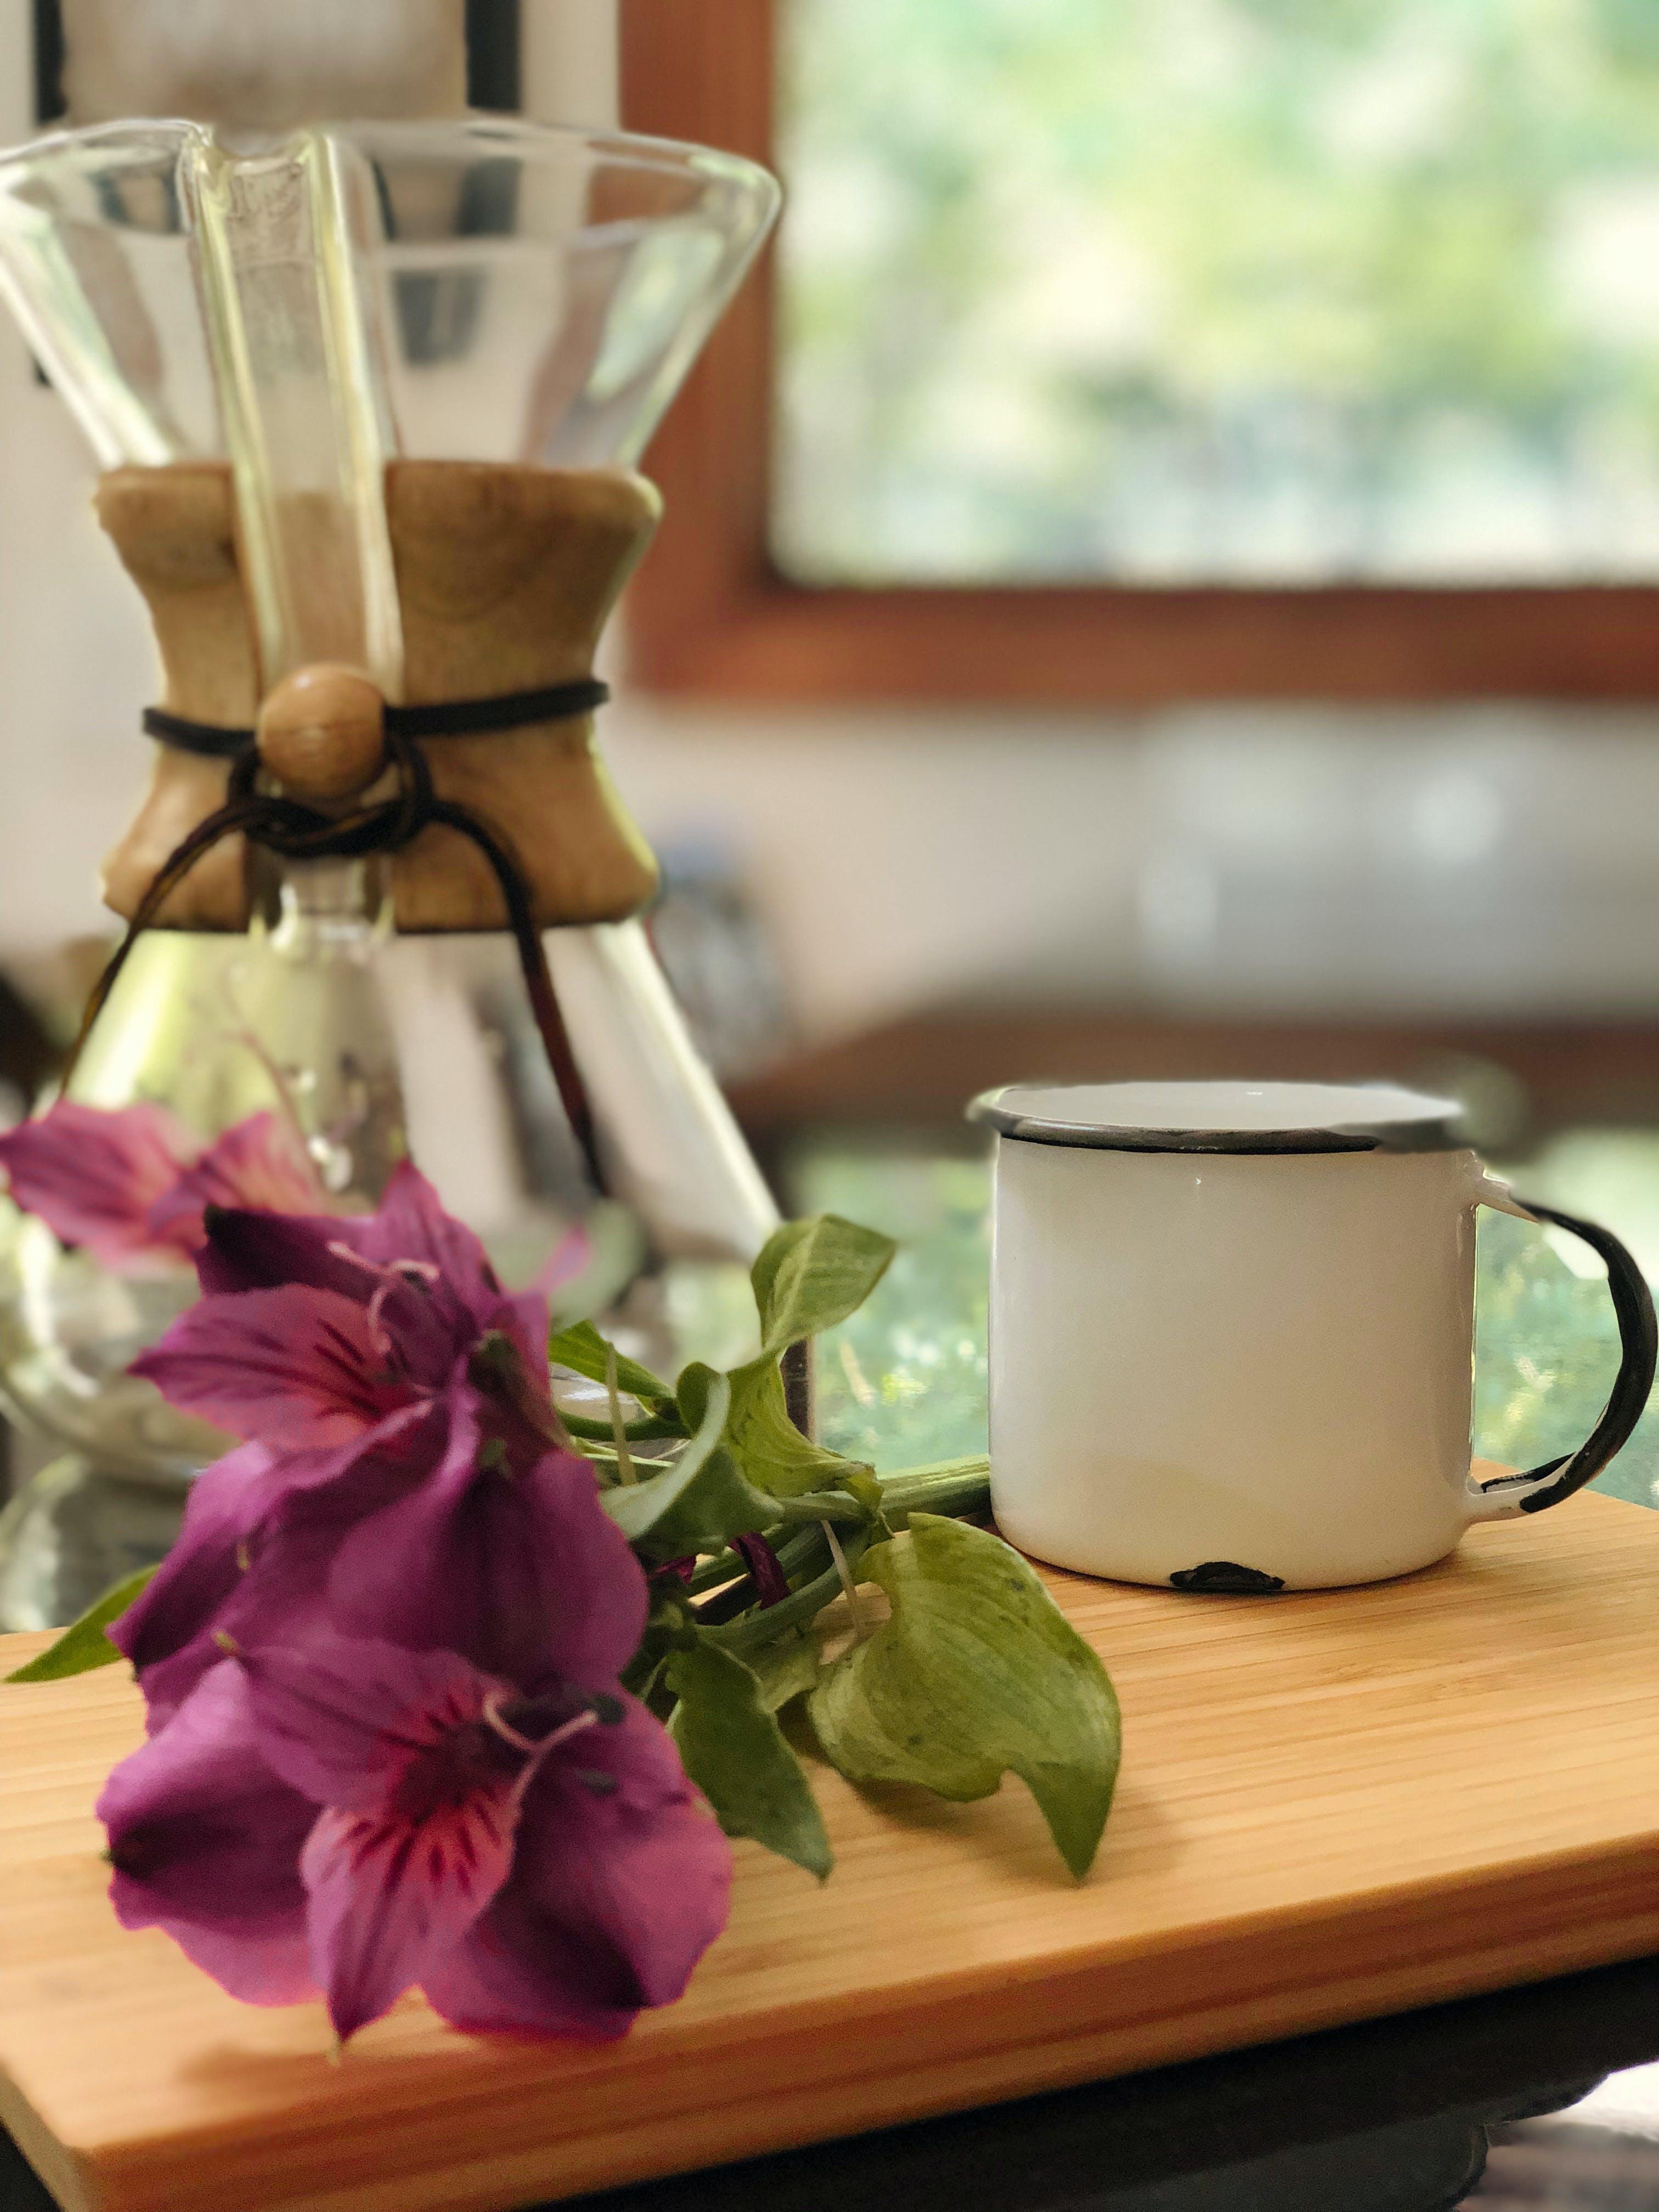 White Ceramic Mug on Brown Table